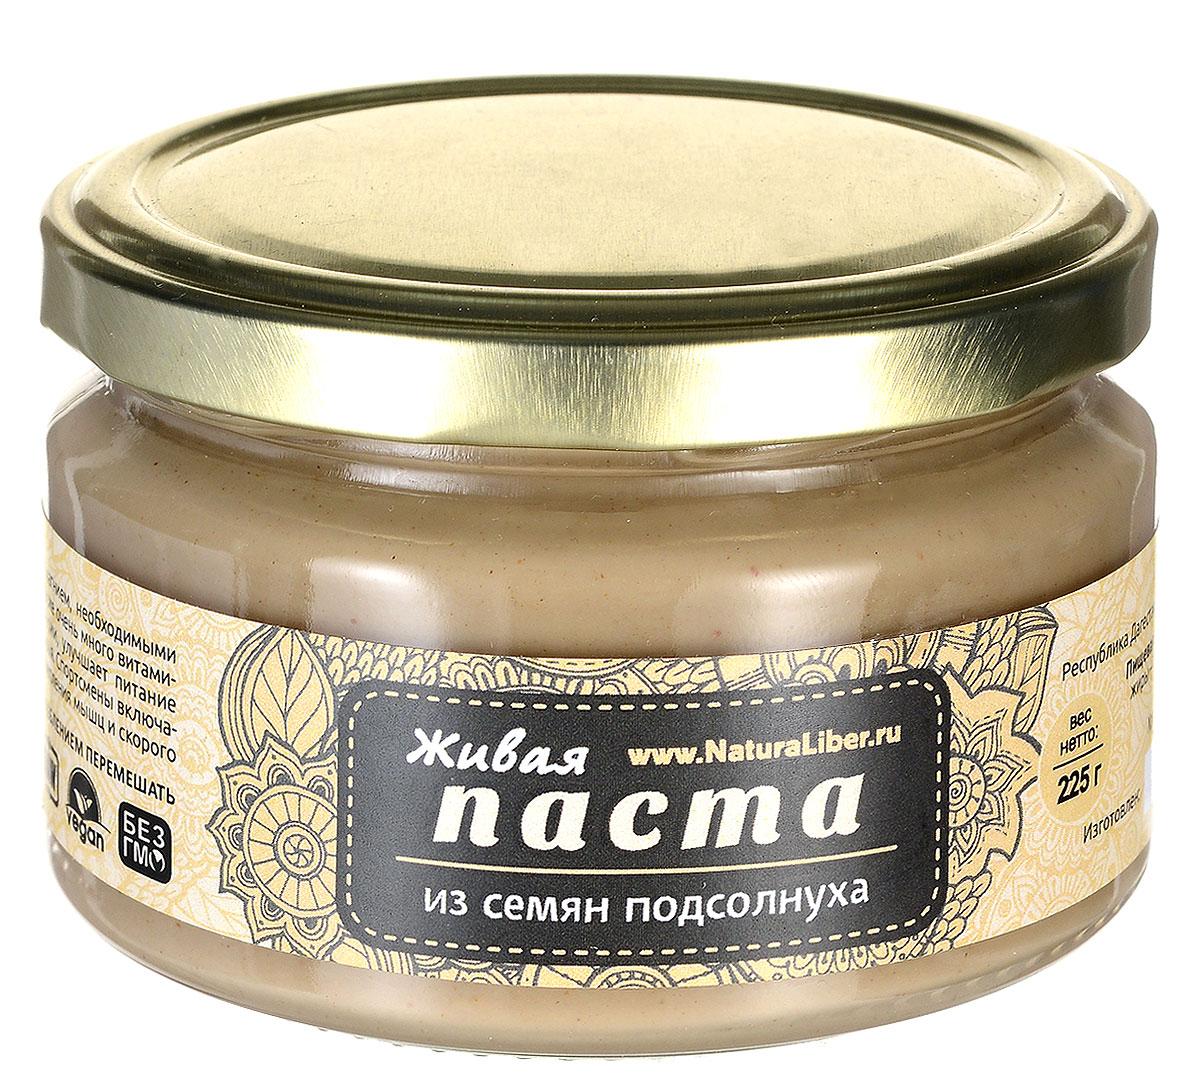 NaturaLiber паста из семян подсолнуха, 225 г0120710Семечки подсолнуха богаты калием и магнием, необходимыми для нормальной работы сердца. В них также очень много витамина E, который помогает очистить артерии, улучшает питание клеток и необходим для женского здоровья. Спортсмены включают семечки подсолнуха в рацион для укрепления мышц и скорого заживления ран!